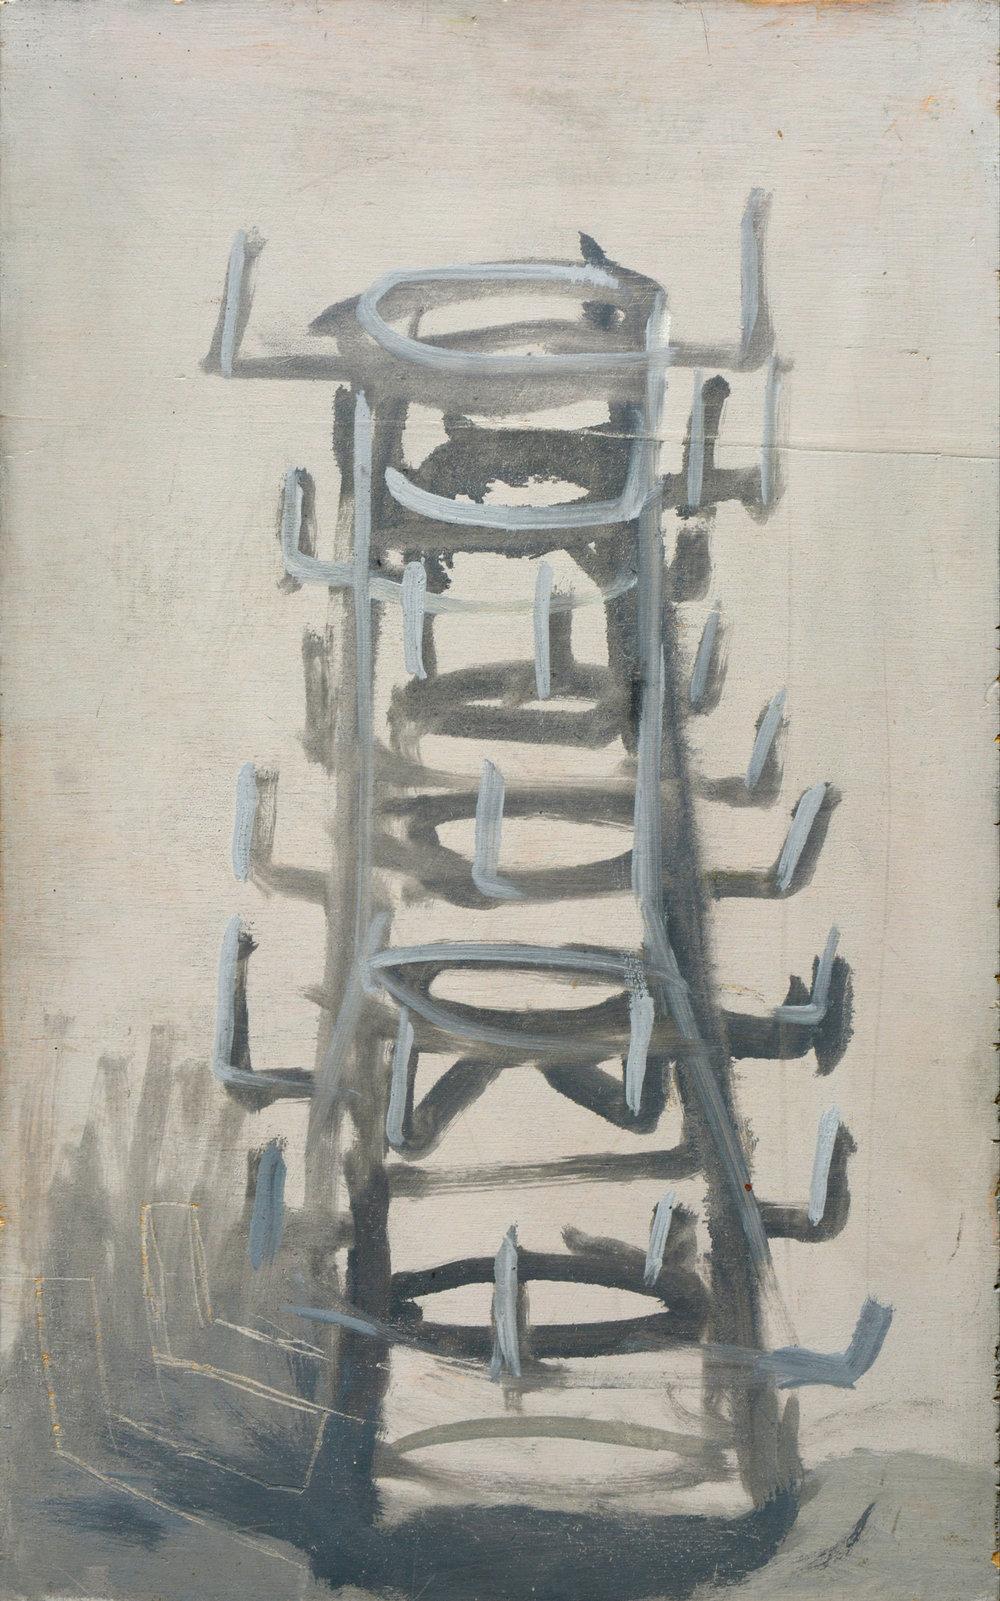 """Mogens Gissel """"Flasketørrestativ,"""" 1996. Olie på plade, 45x28 cm. Foto: Erik Balle."""